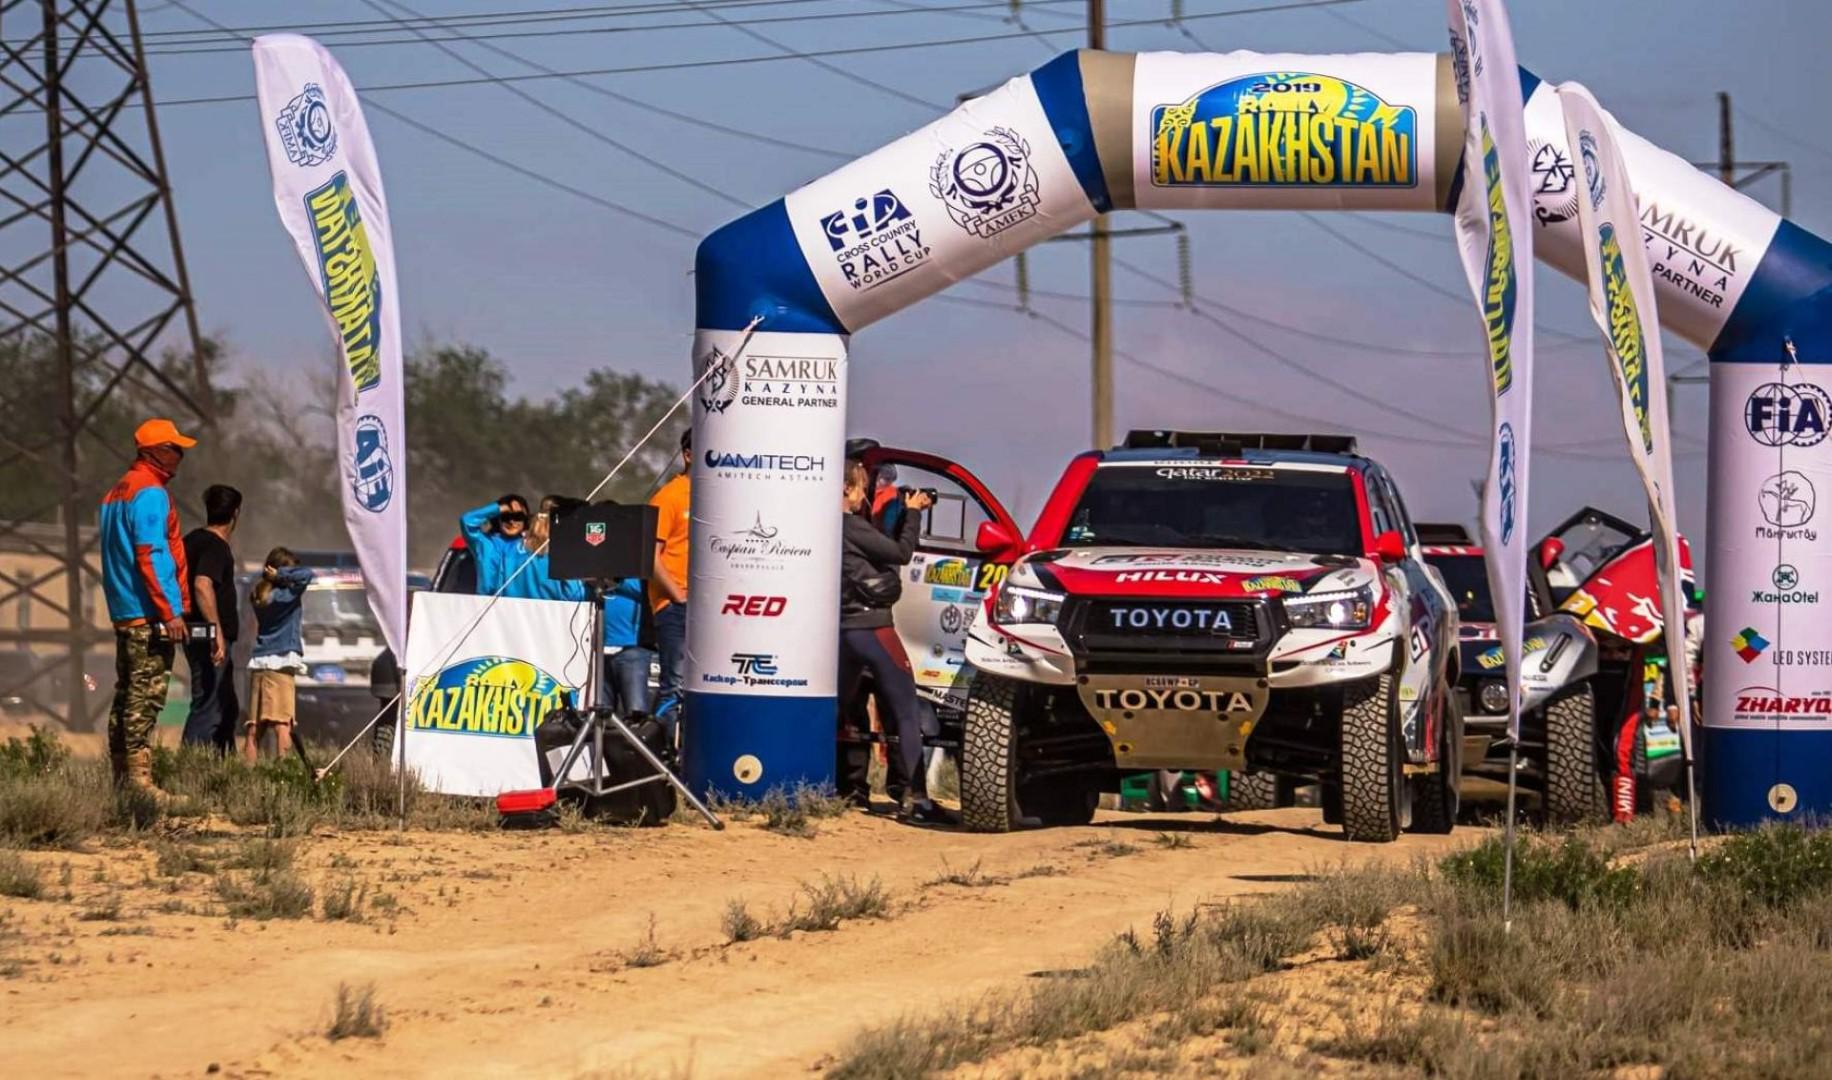 Kazakhstan Rally 2020: Parcours dévoilé